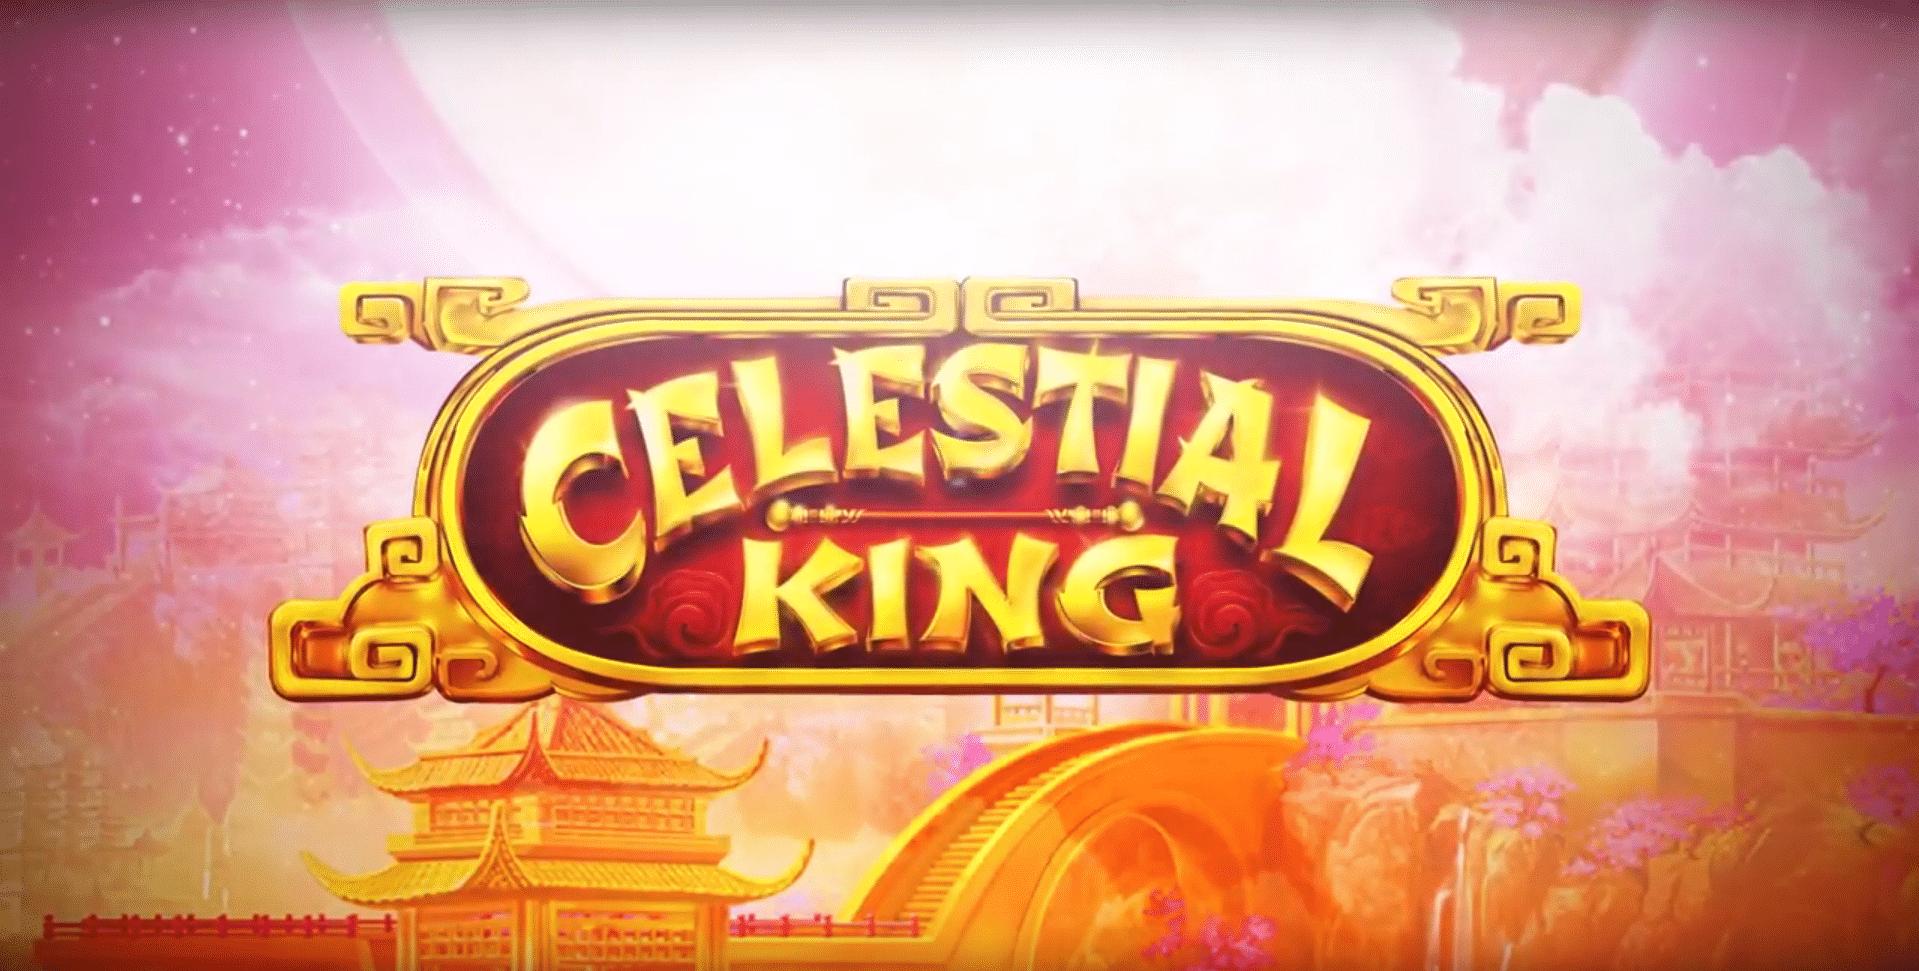 Uusia kolikkopelejä - Celestial King